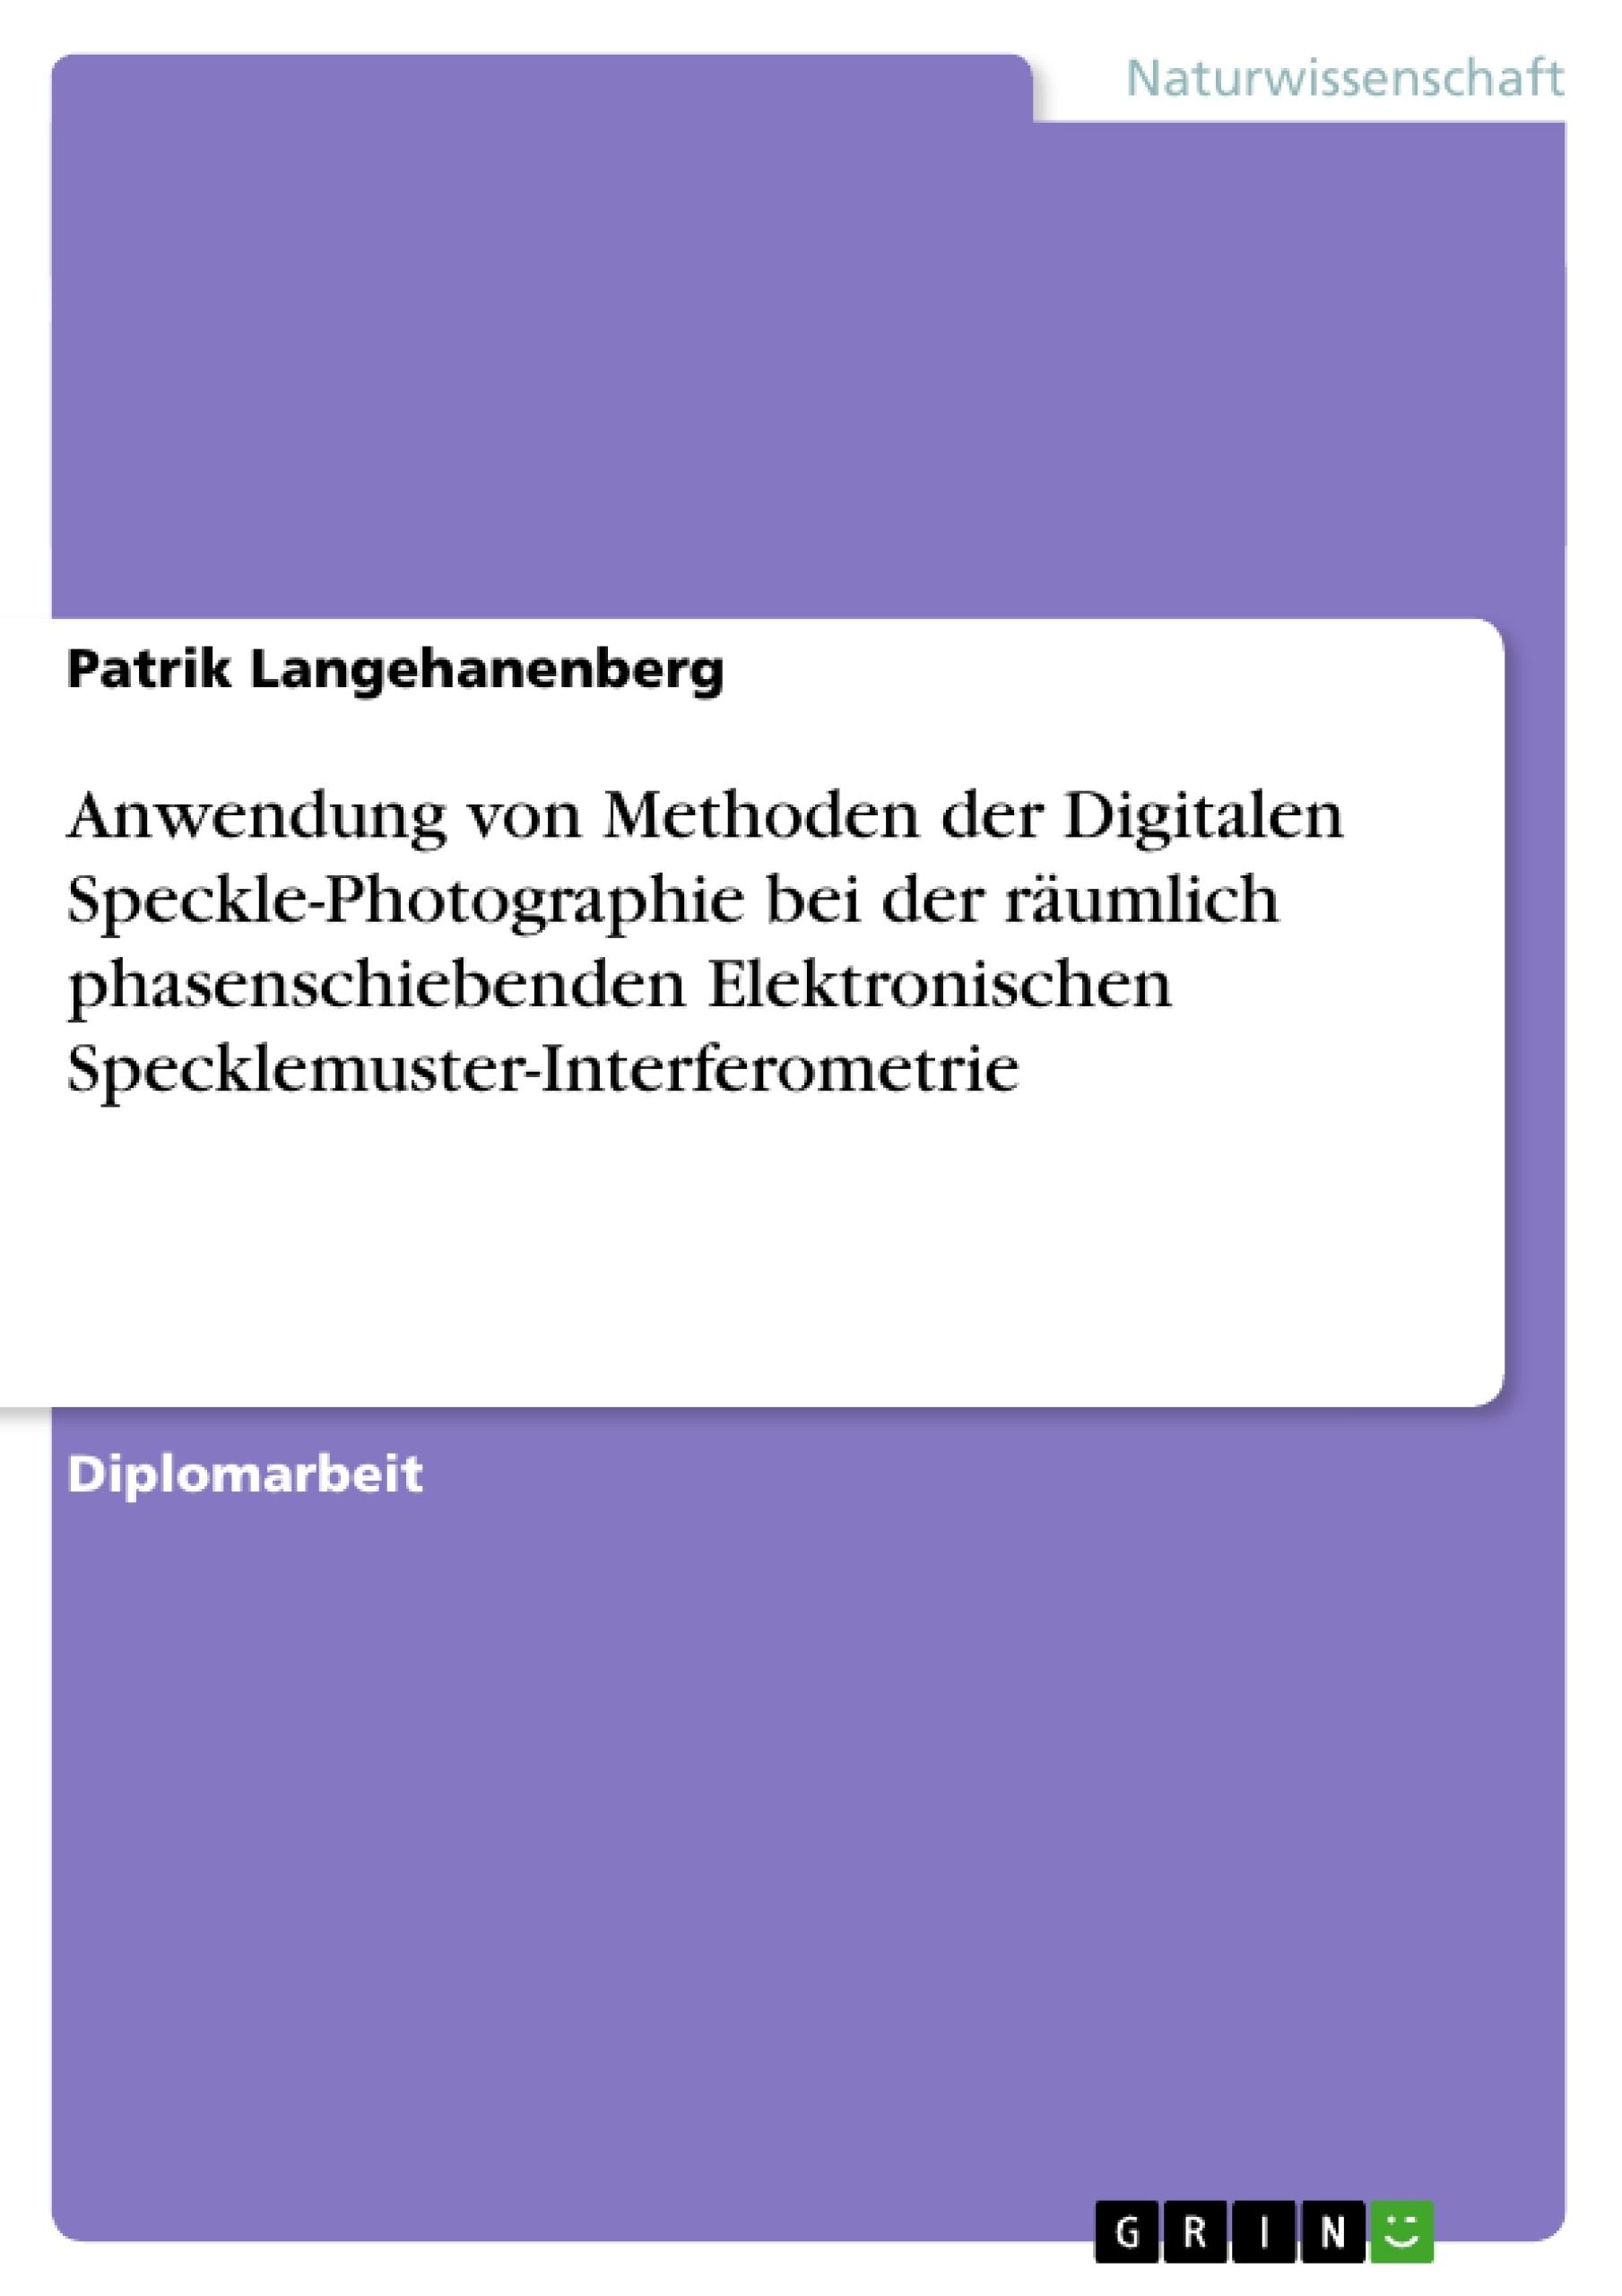 Titel: Anwendung von Methoden der Digitalen Speckle-Photographie bei der räumlich phasenschiebenden Elektronischen Specklemuster-Interferometrie